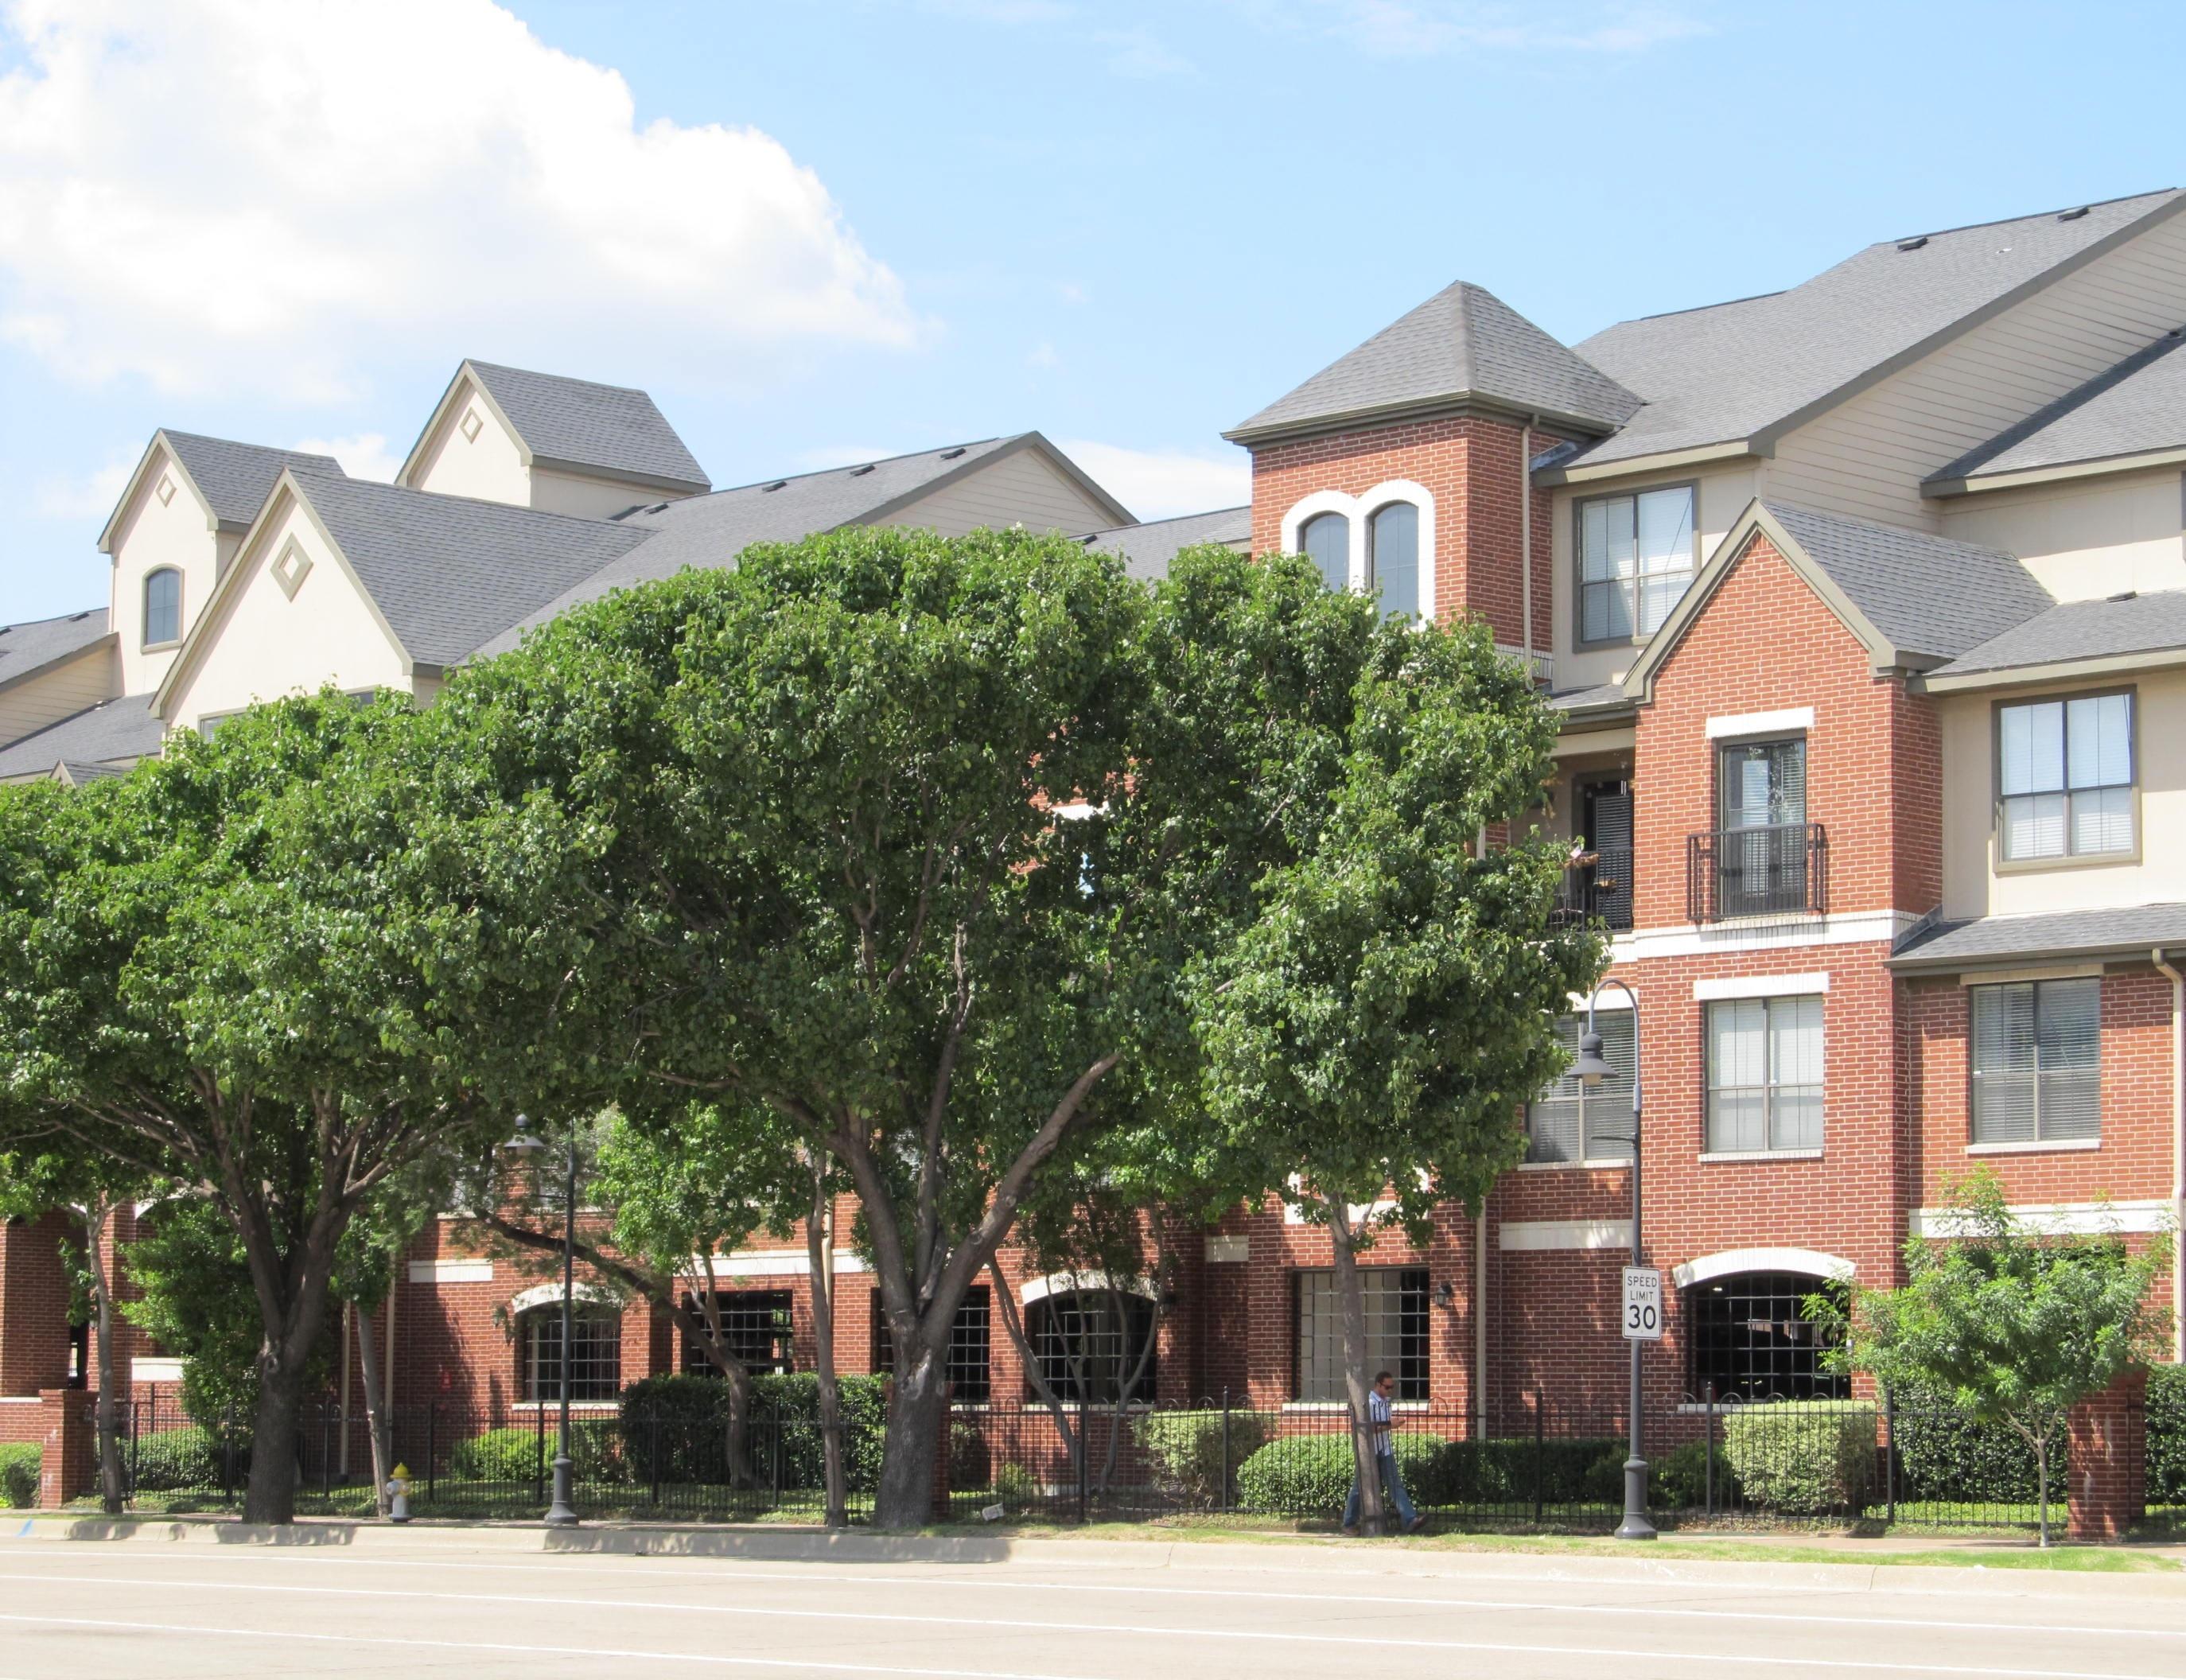 Urban Condominiums, Architecture, Condo, Condominium, Construction, HQ Photo